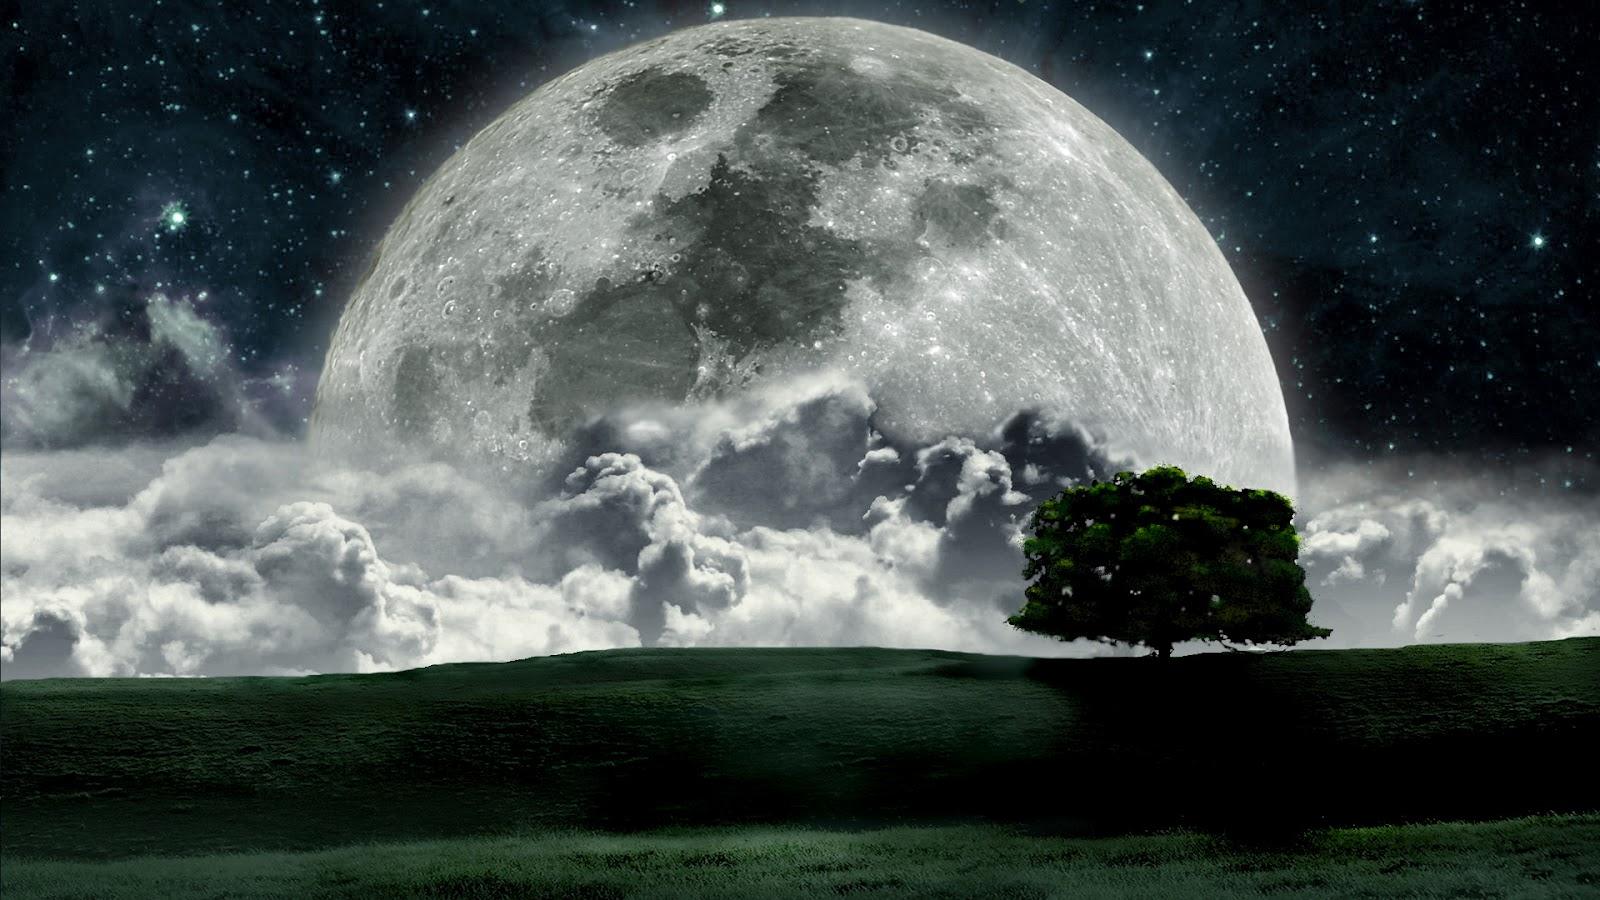 http://1.bp.blogspot.com/-FAlQAl3Qam8/UCY3u-3UIhI/AAAAAAAAMck/TcC_fRzpK8U/s1600/moon-wallpaper-landscape-dream-wallpapers.jpg